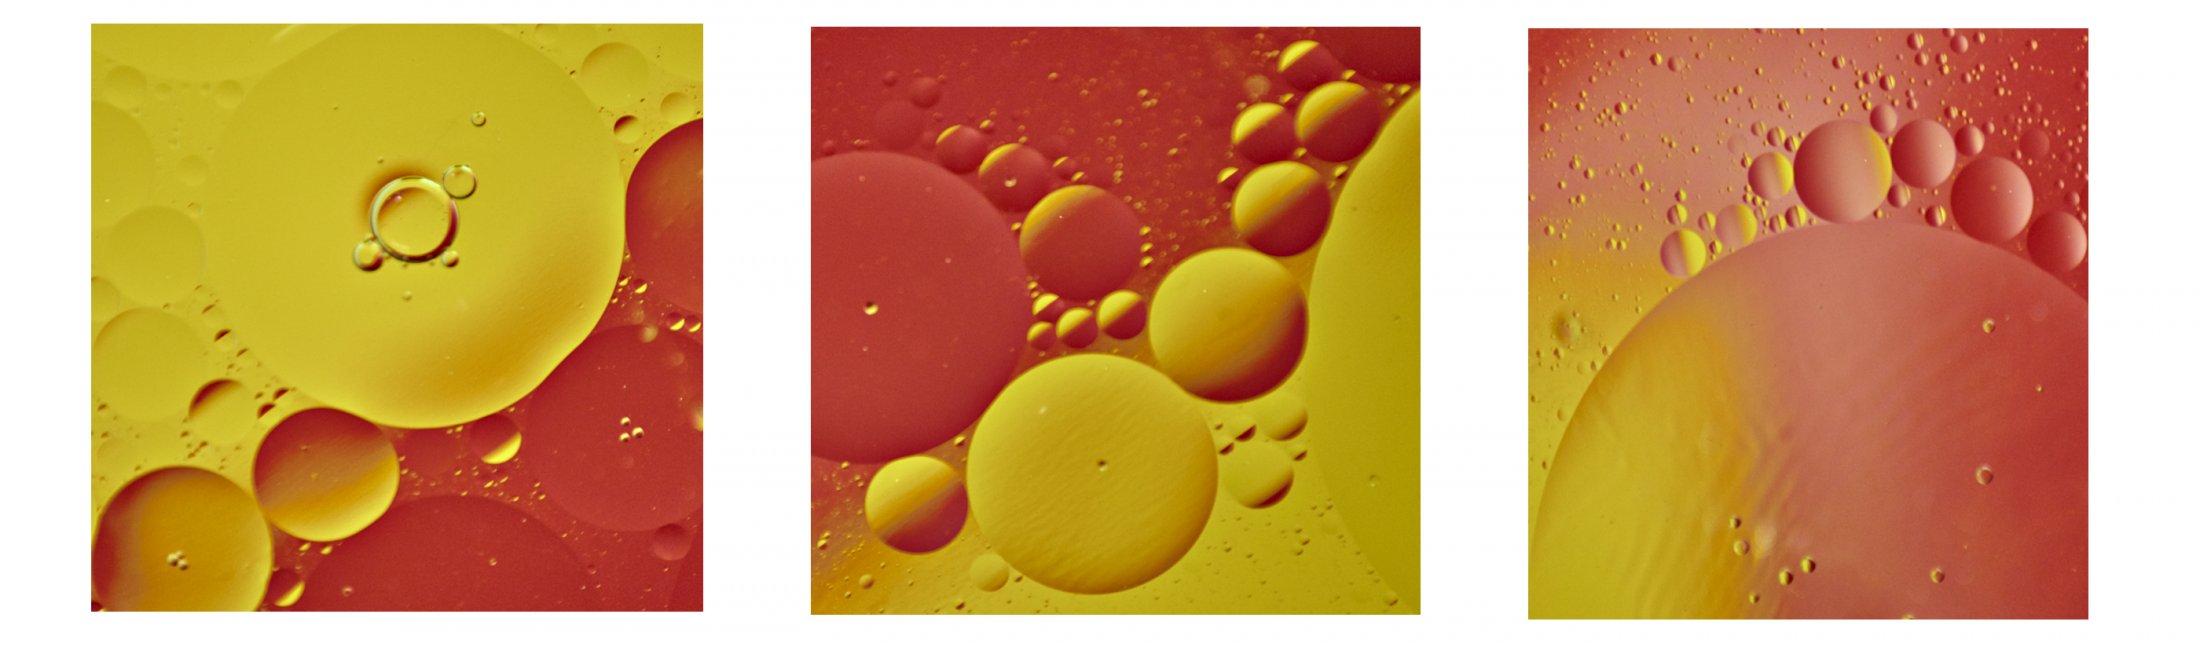 134 - Sol De Marte